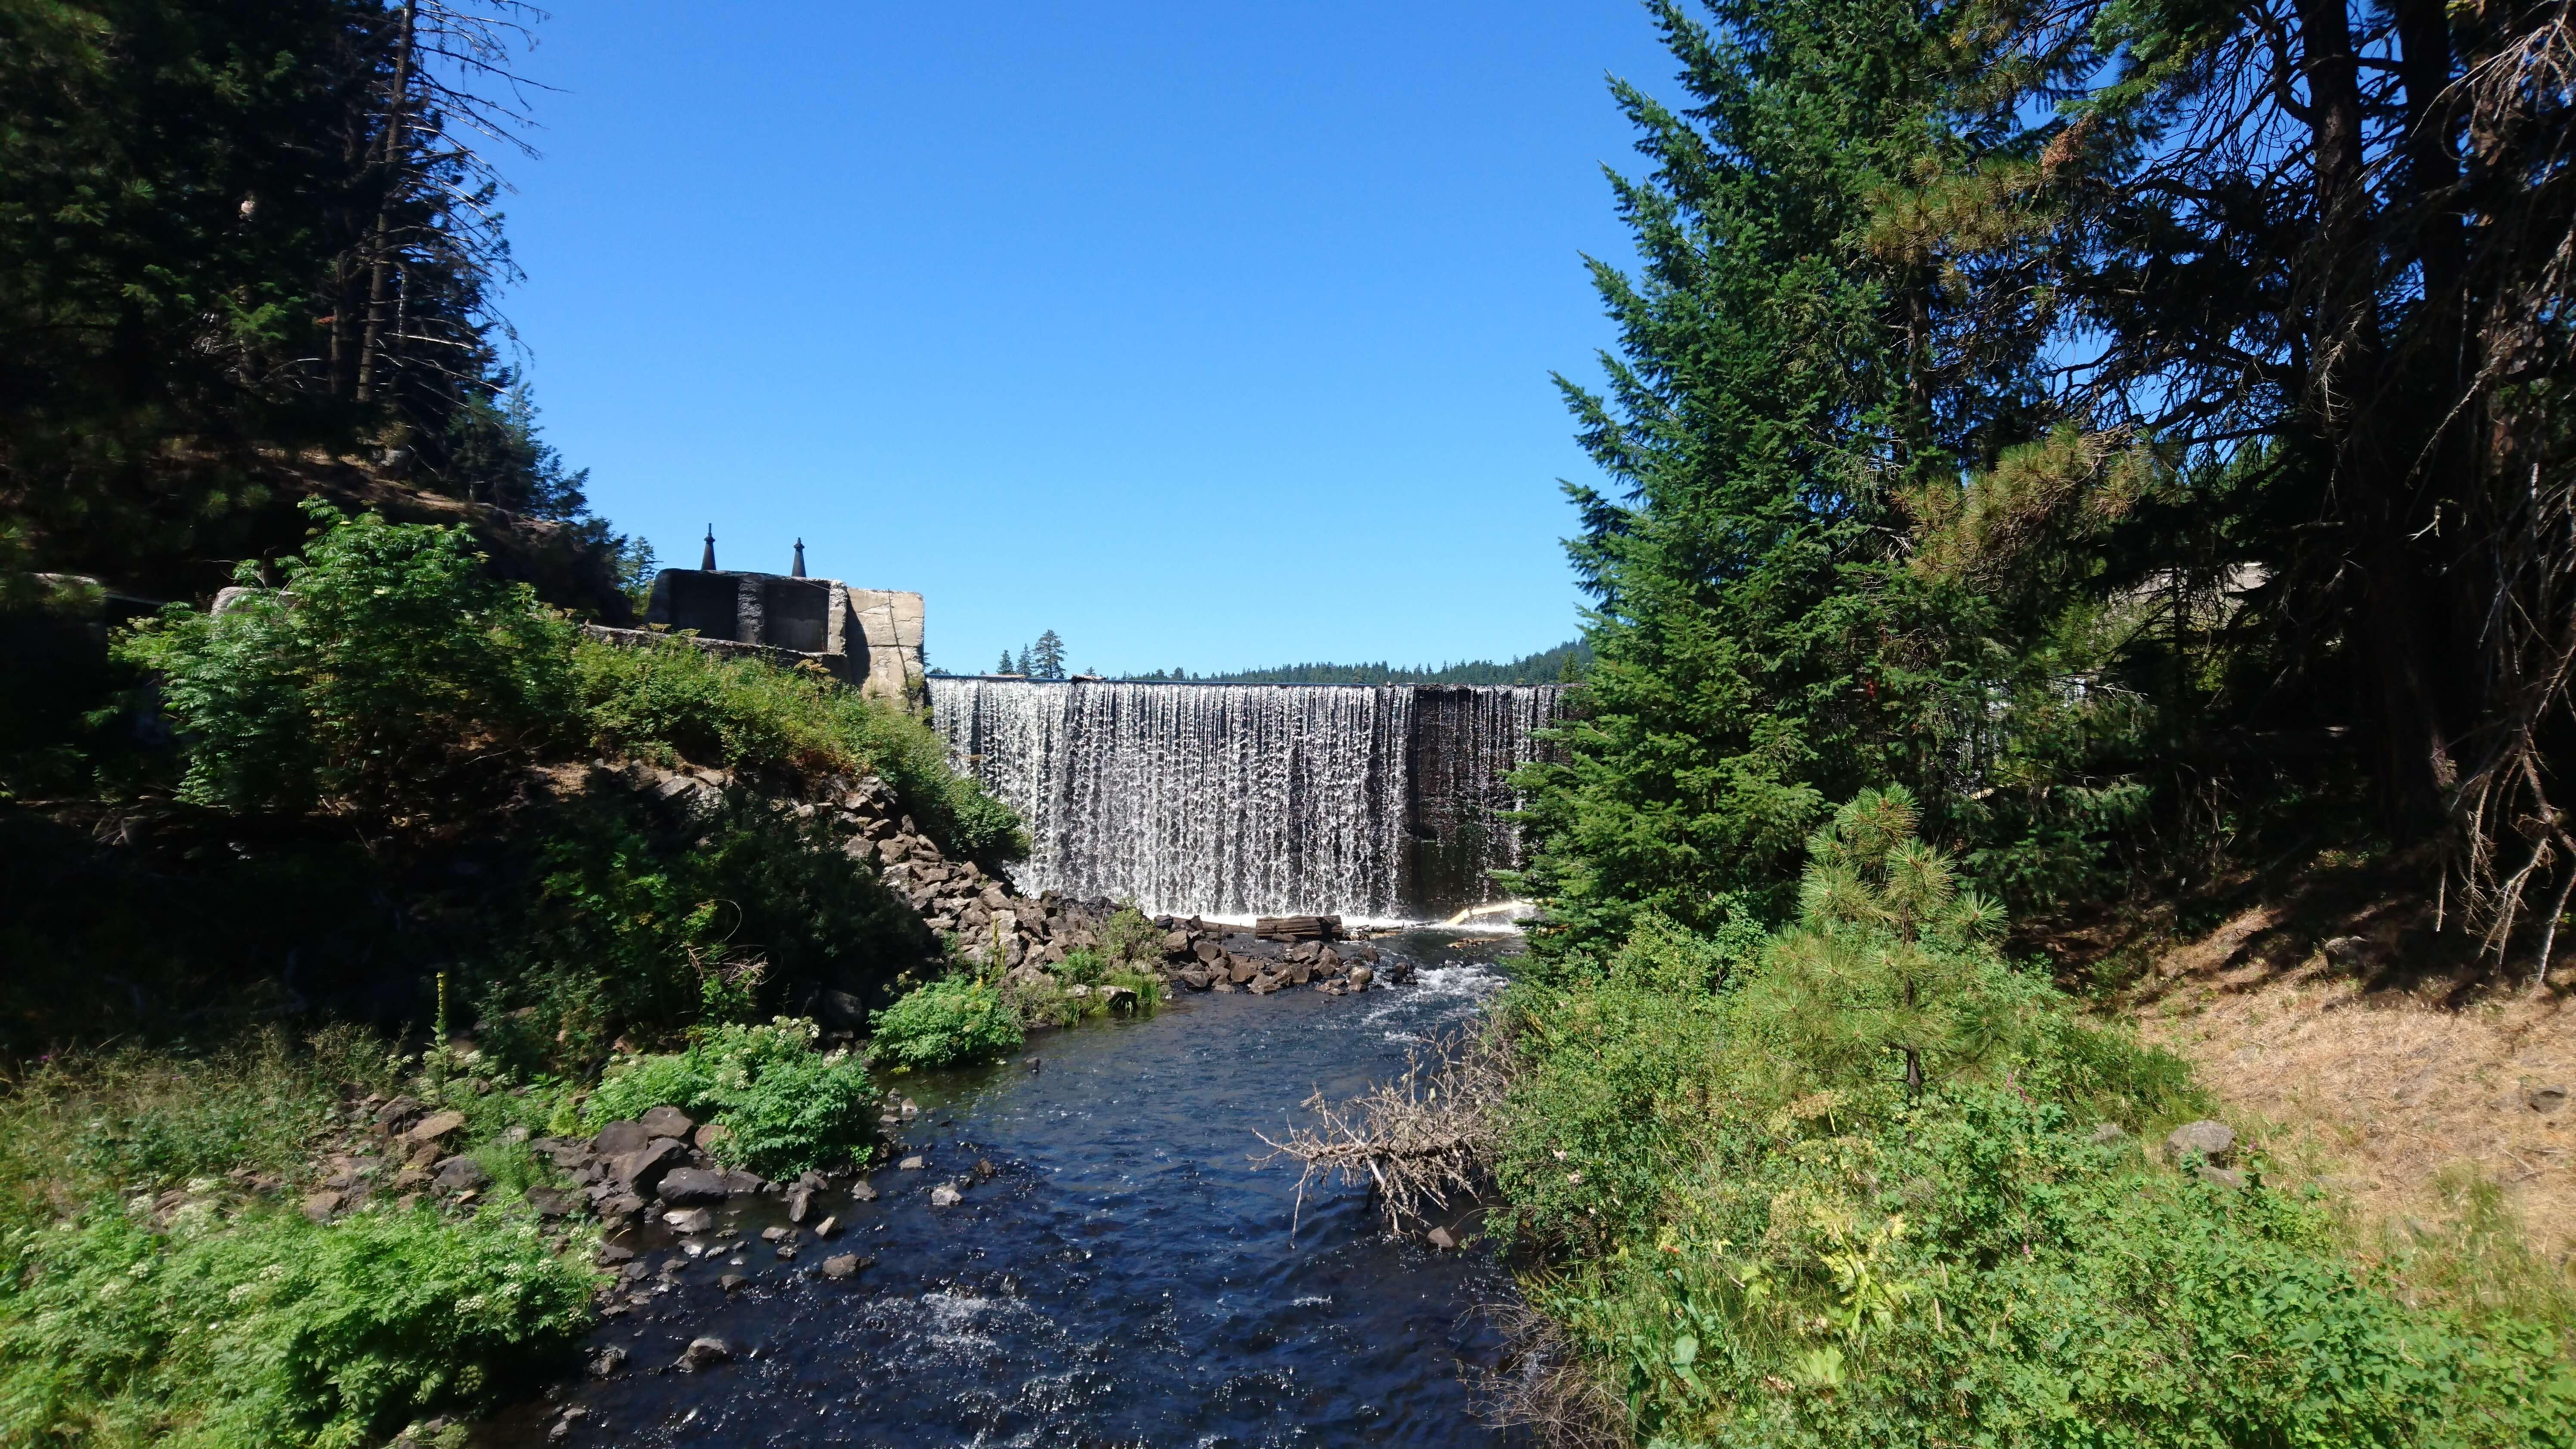 Un barrage, lieu idéal pour une pause rafraichissante !